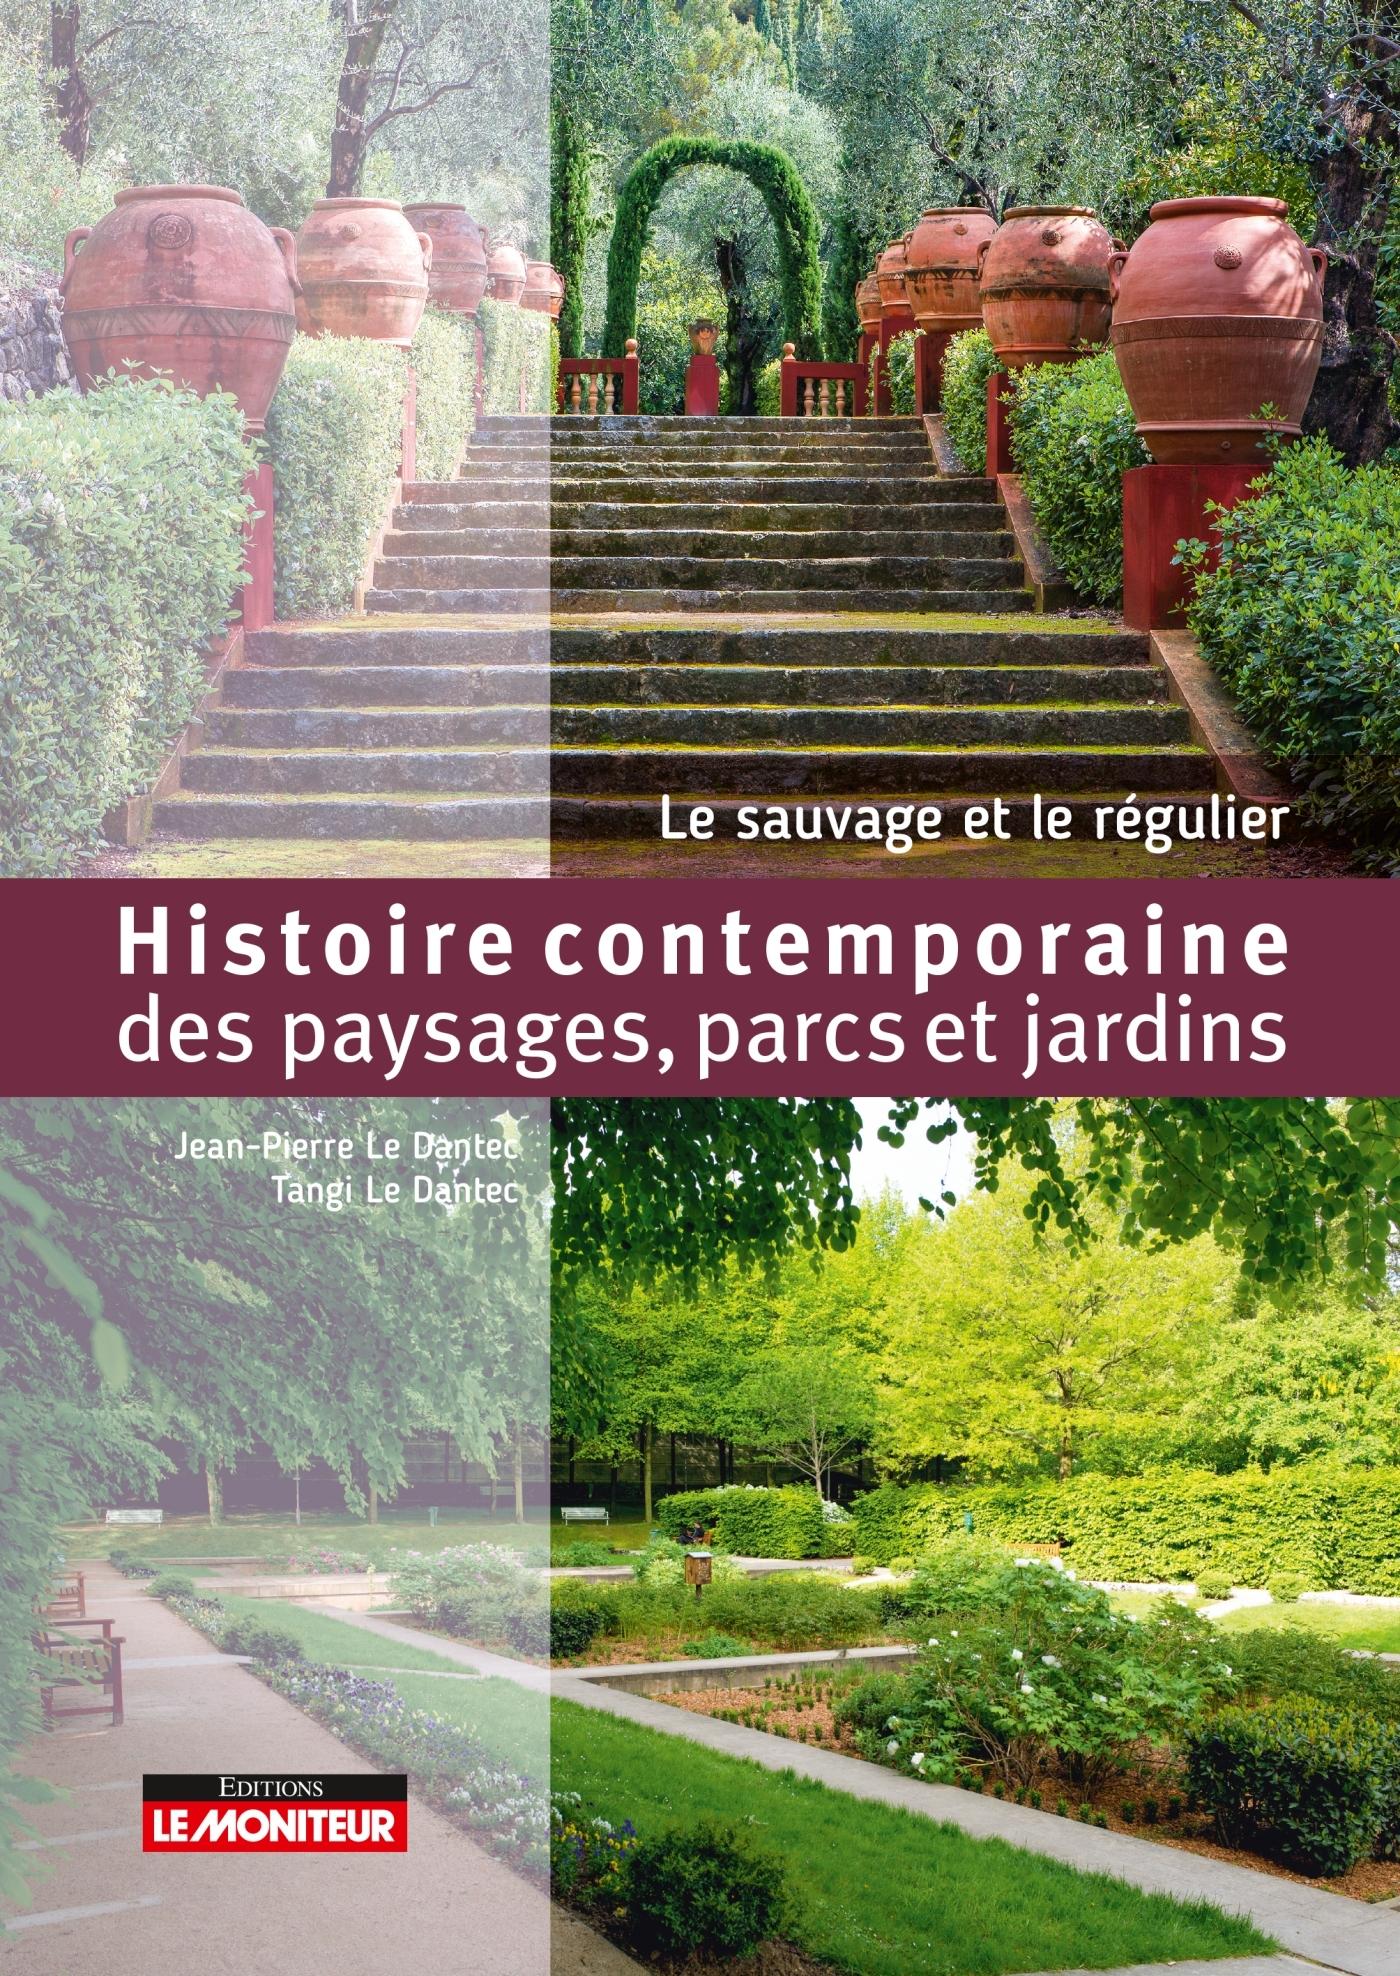 HISTOIRE CONTEMPORAINE DES PAYSAGES, PARCS ET JARDINS - LE SAUVAGE ET LE REGULIER